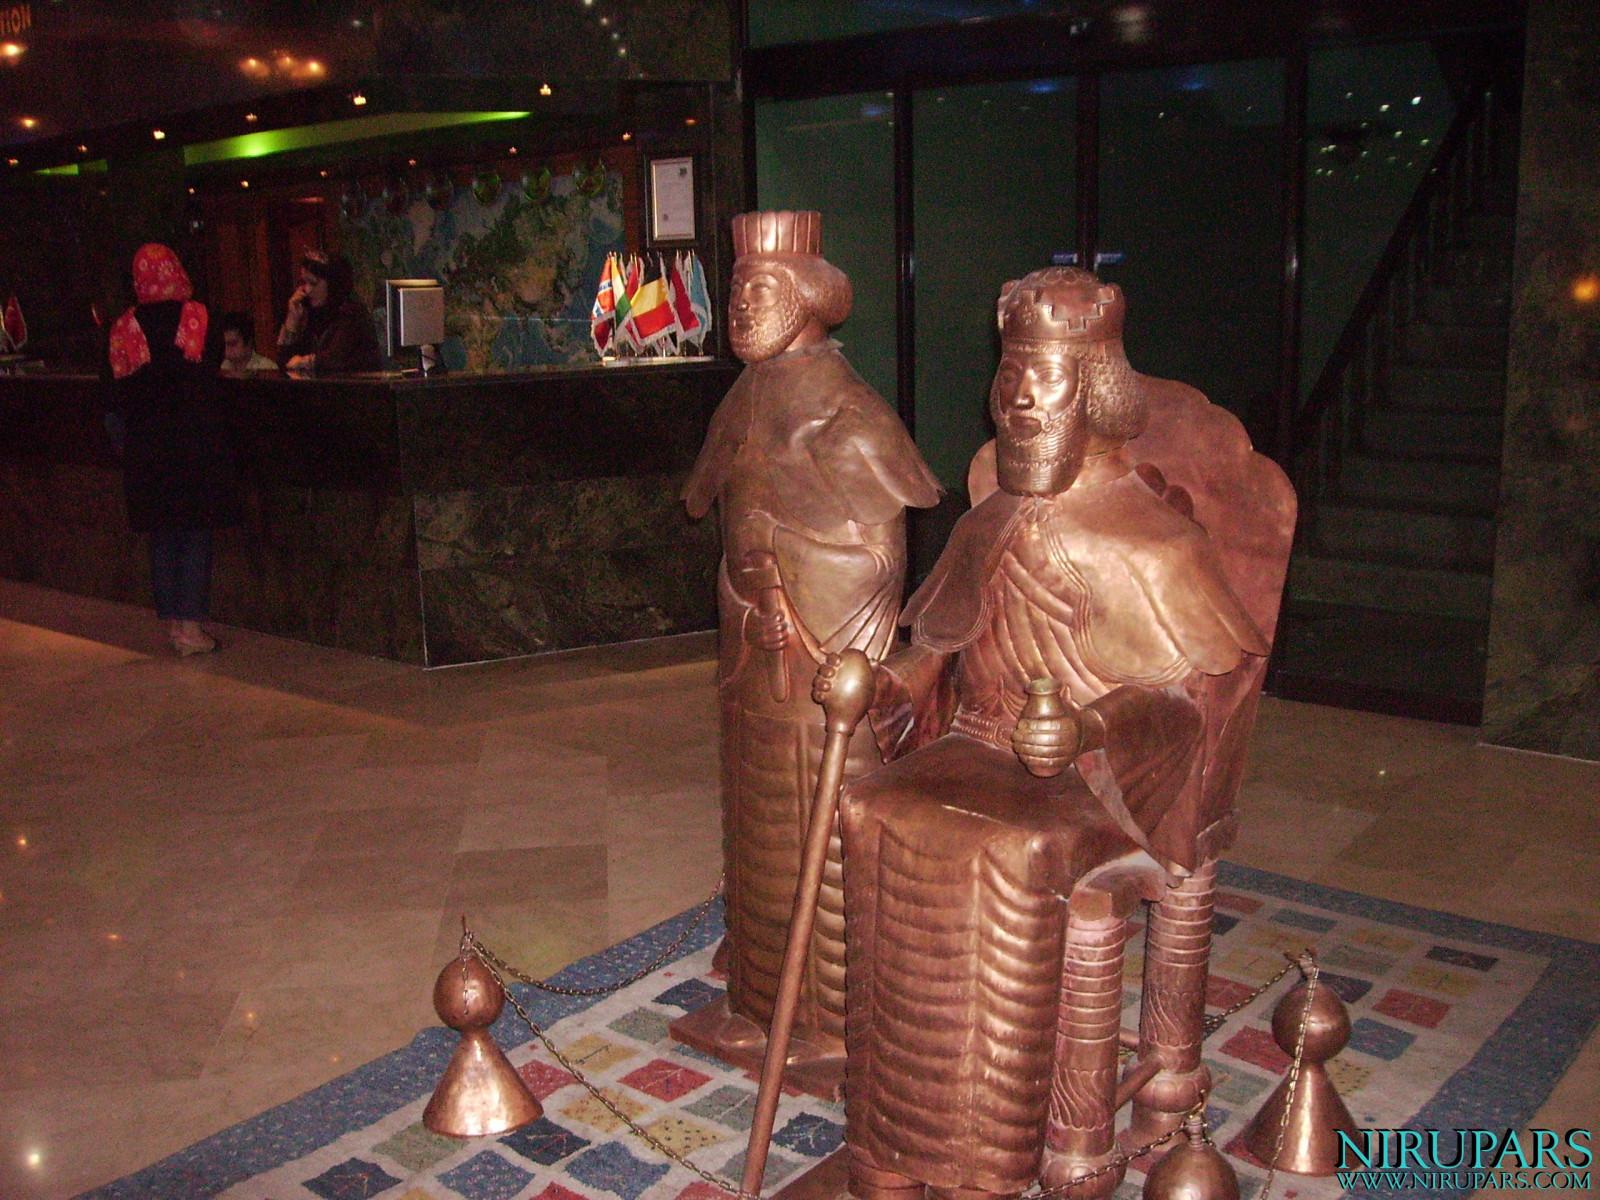 Shiraz - Bronze Figure